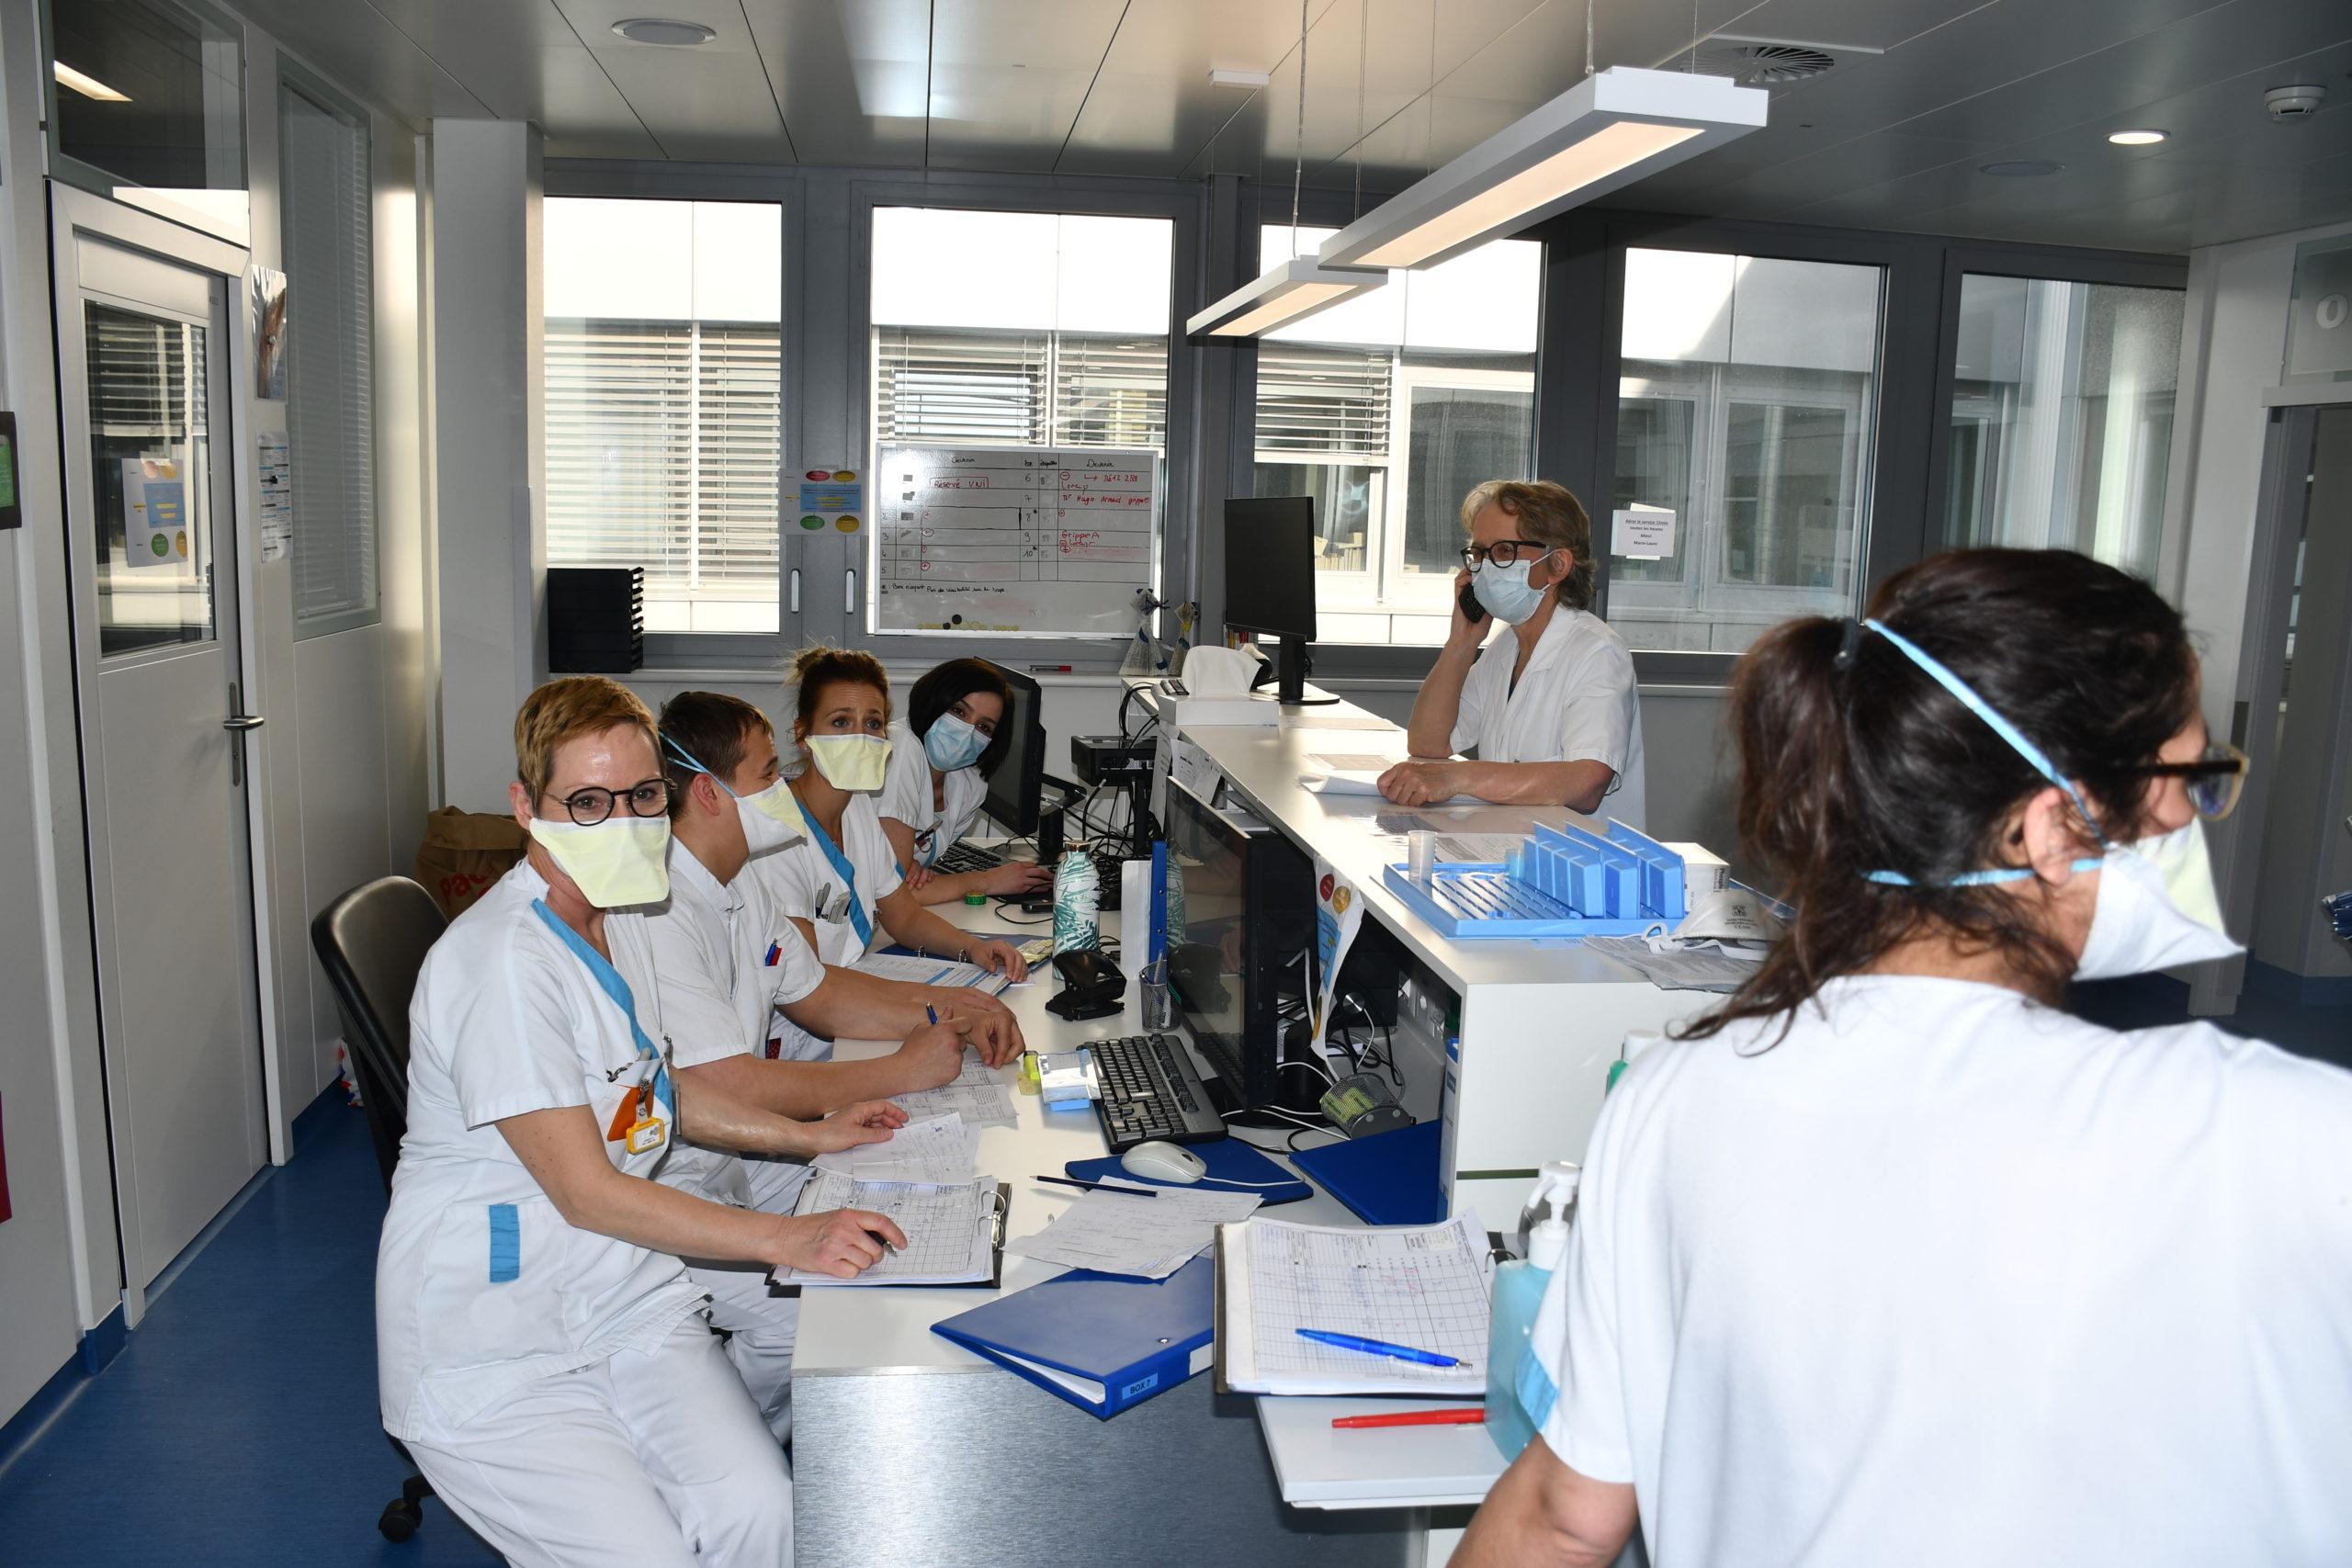 L'Ensemble Hospitalier de la Côte accorde une prime à son personnel